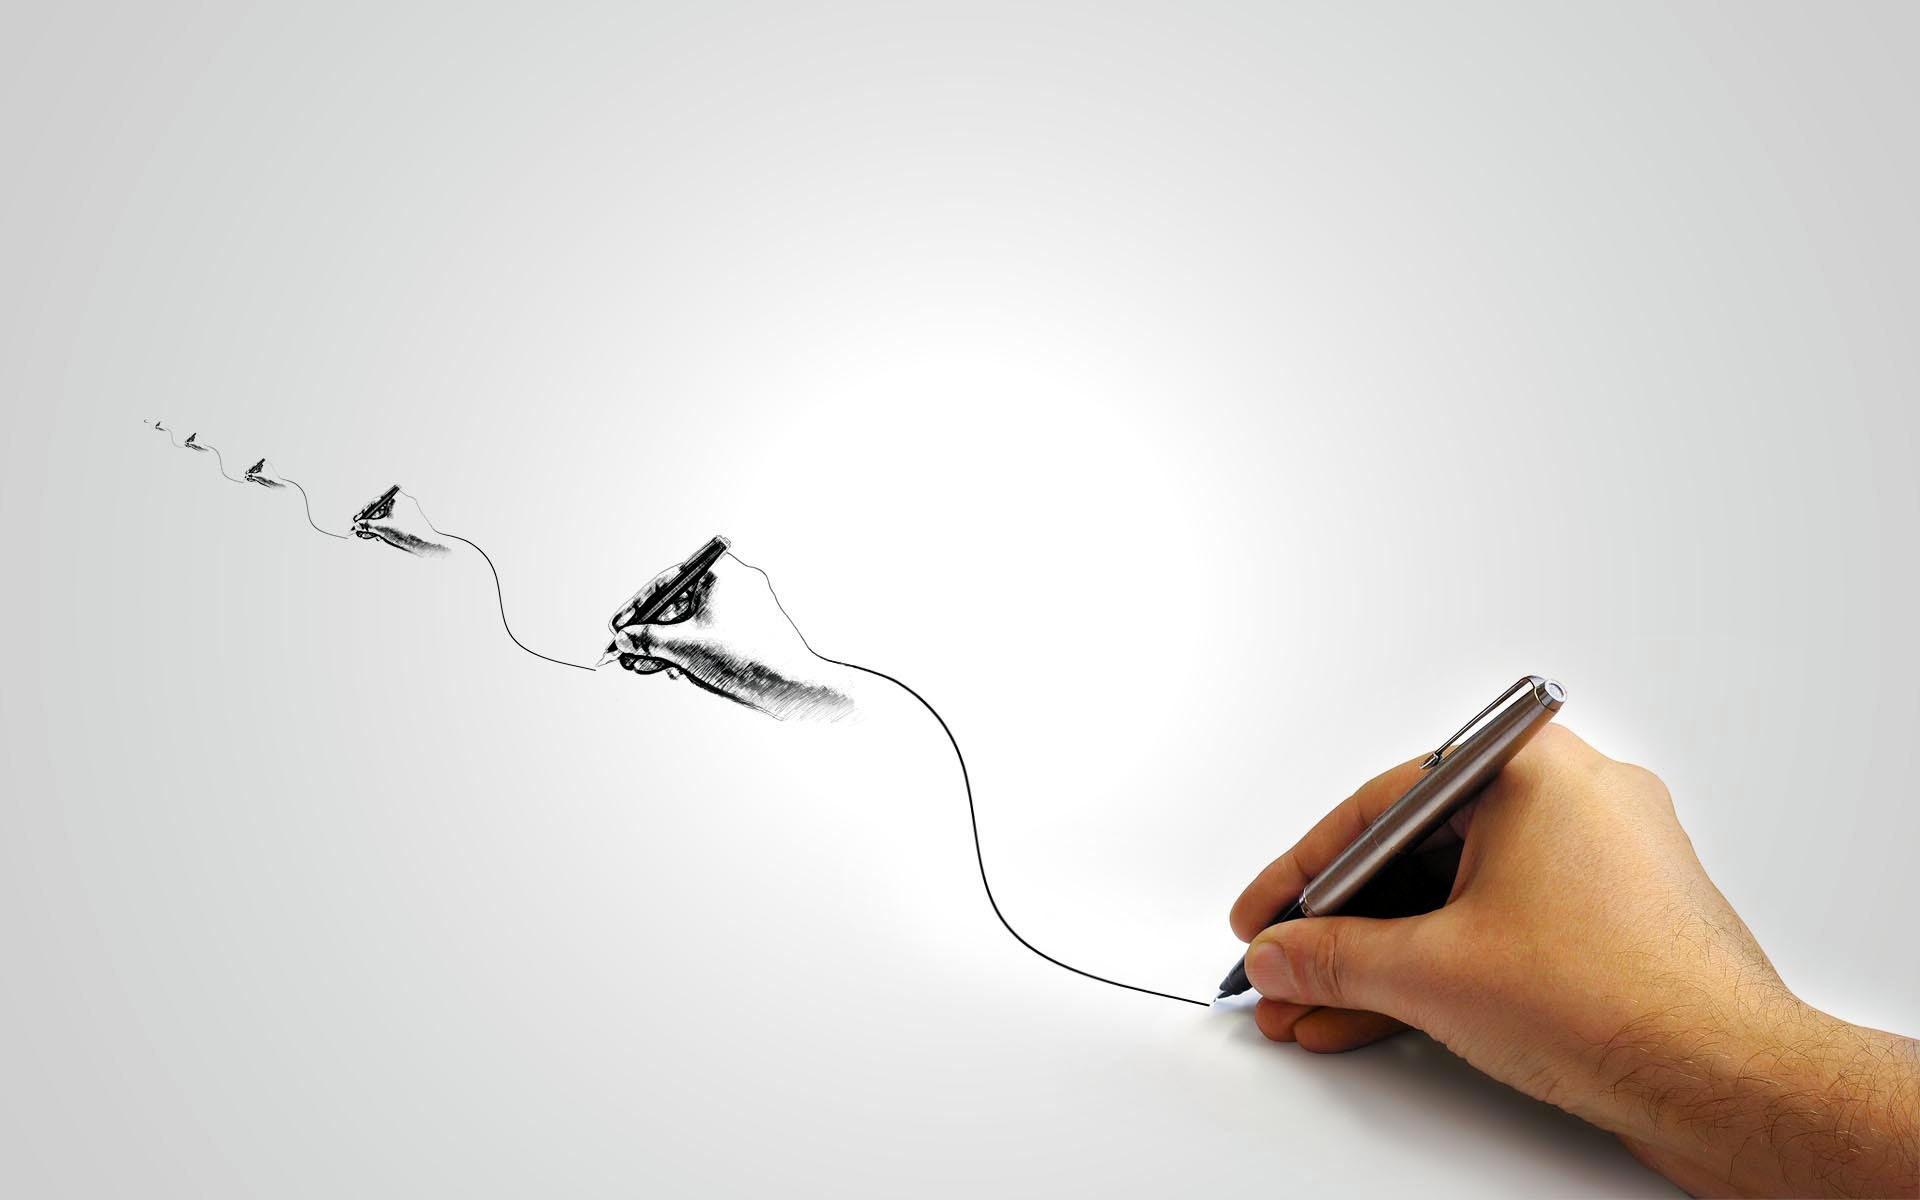 Нарисовать обои своими руками